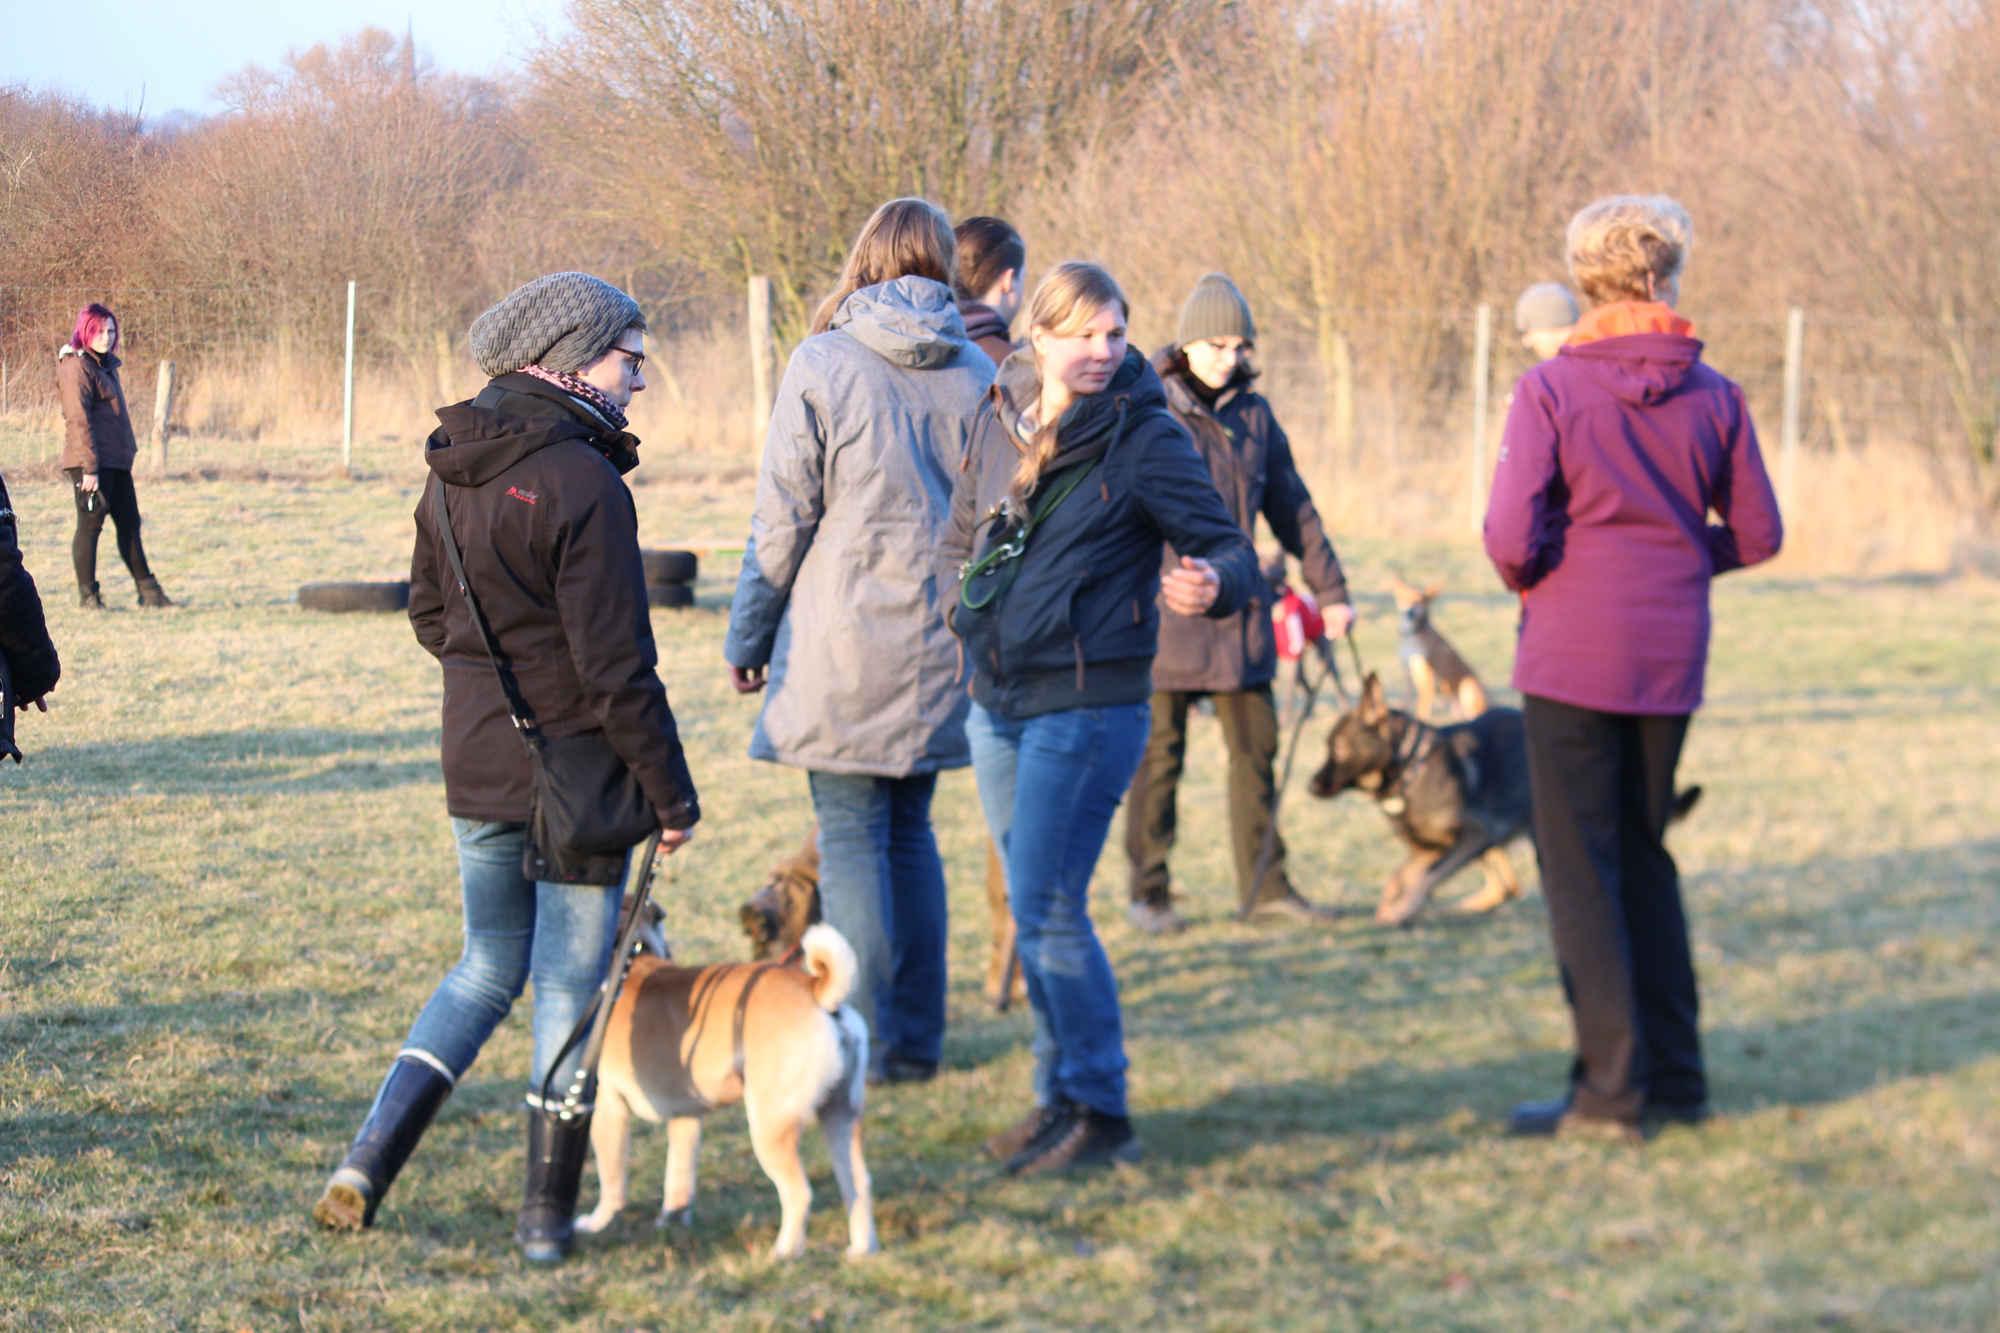 Gruppenaufnahme beim Zehengänger Training in Isernhagen